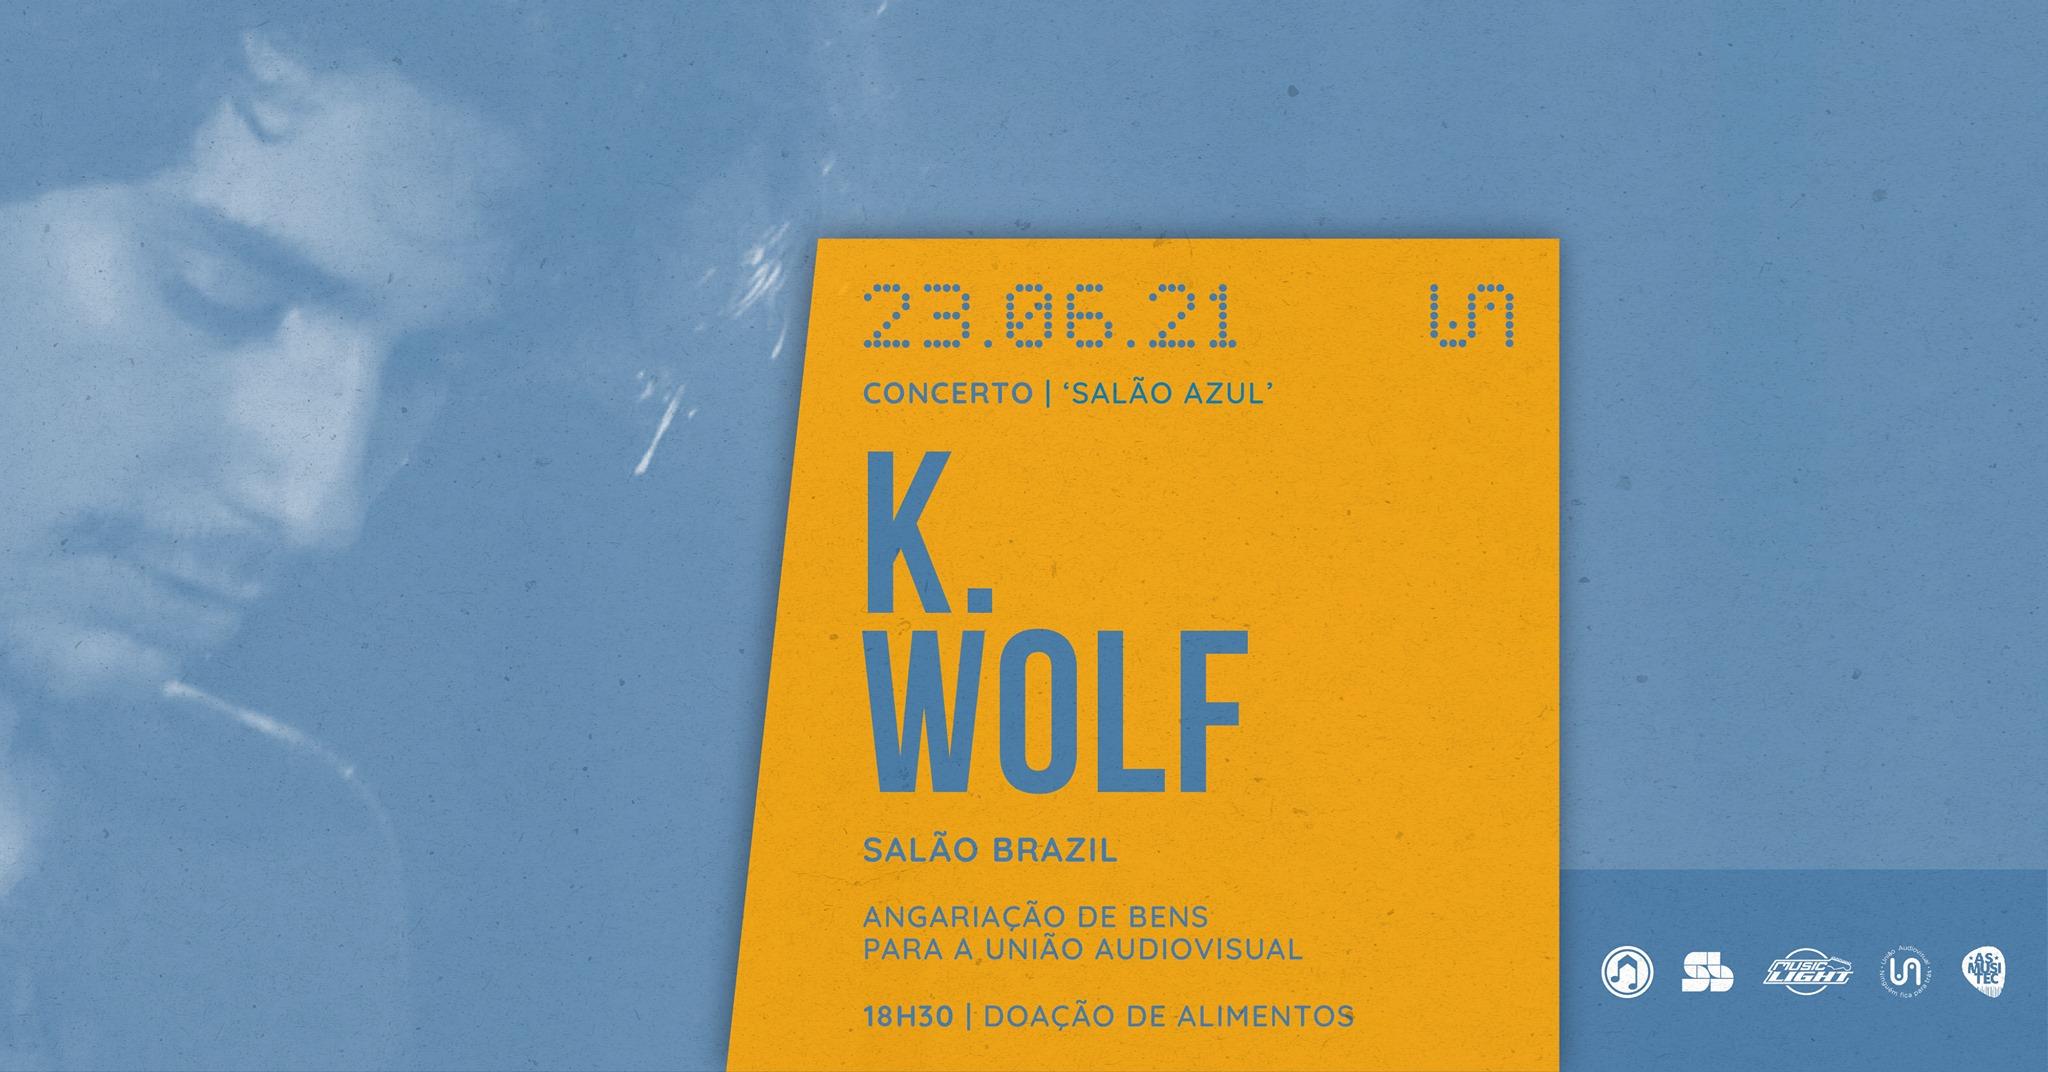 Salão Azul ~ K Wolf